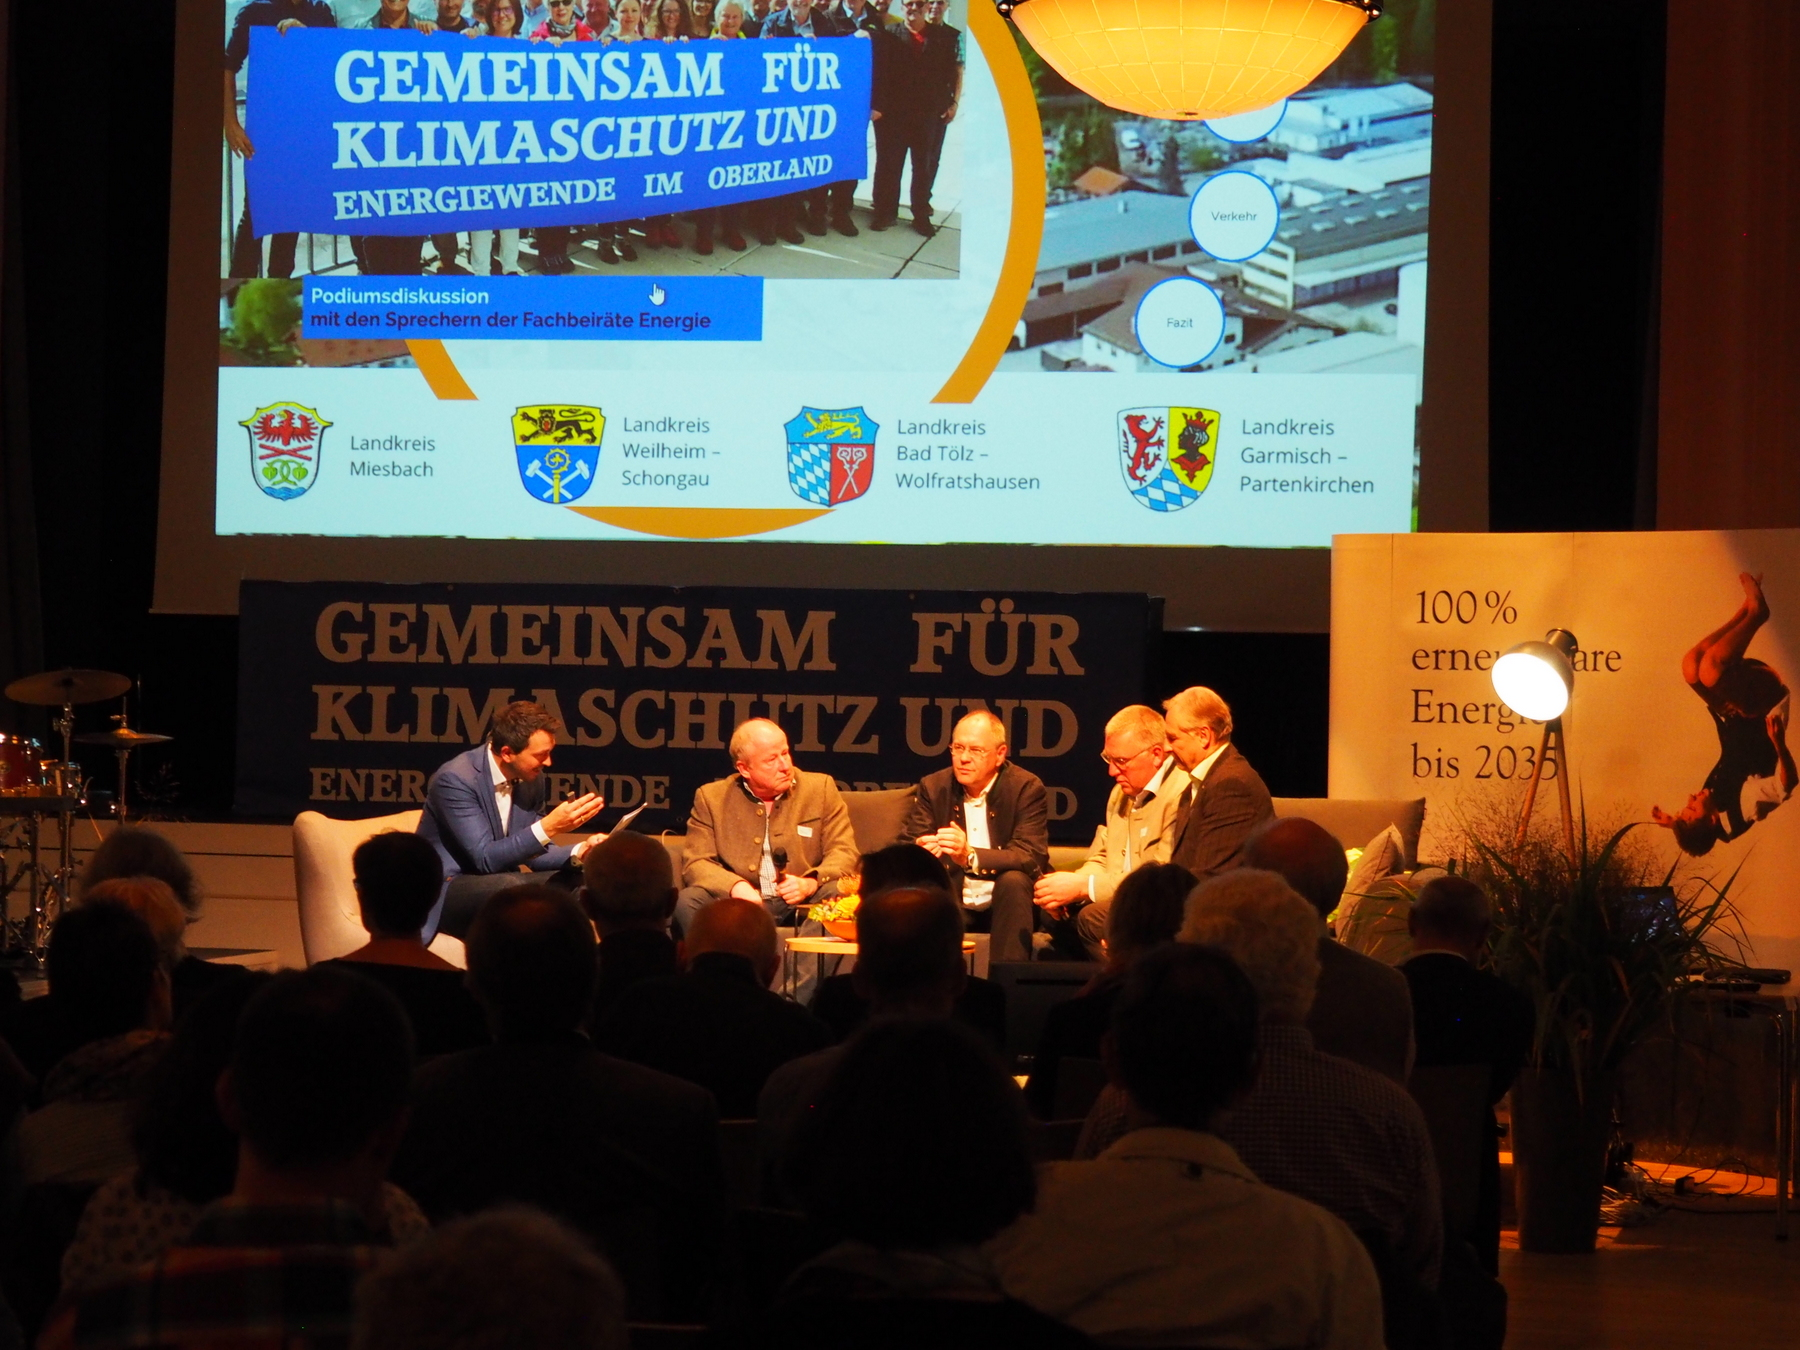 Podiumsdiskussion mit den Sprechern der Fachbeiräte Energie und Klima im Oberland